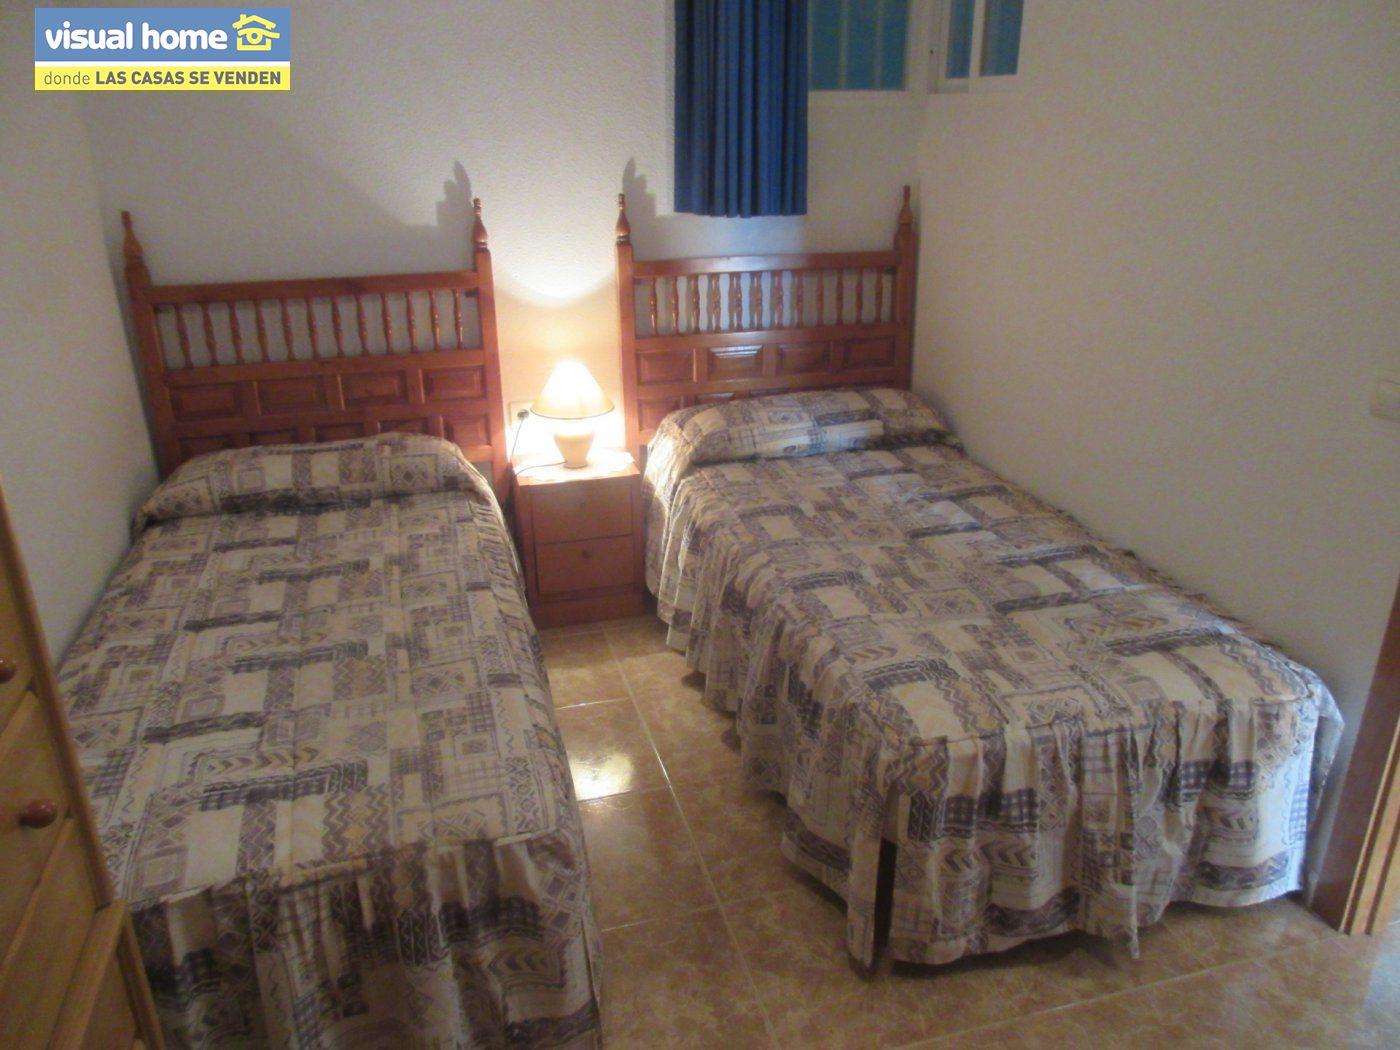 Apartamento 1 dormitorio con vistas espectaculares con parking y piscina en Rincón de Loix llano 7